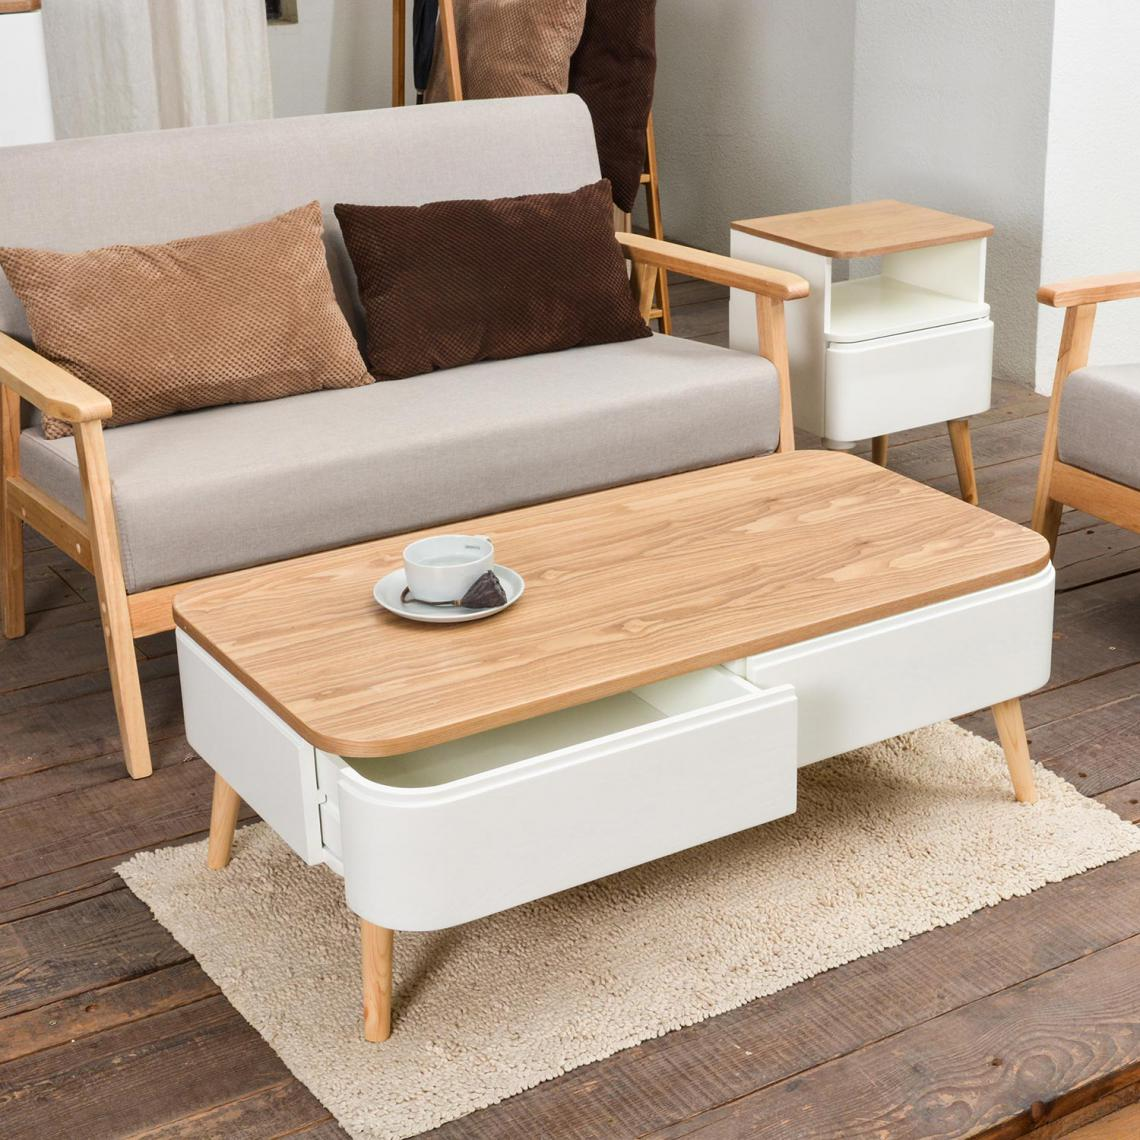 Grande Table Basse Bois table basse scandinave bois blanc achumawi plus de détails